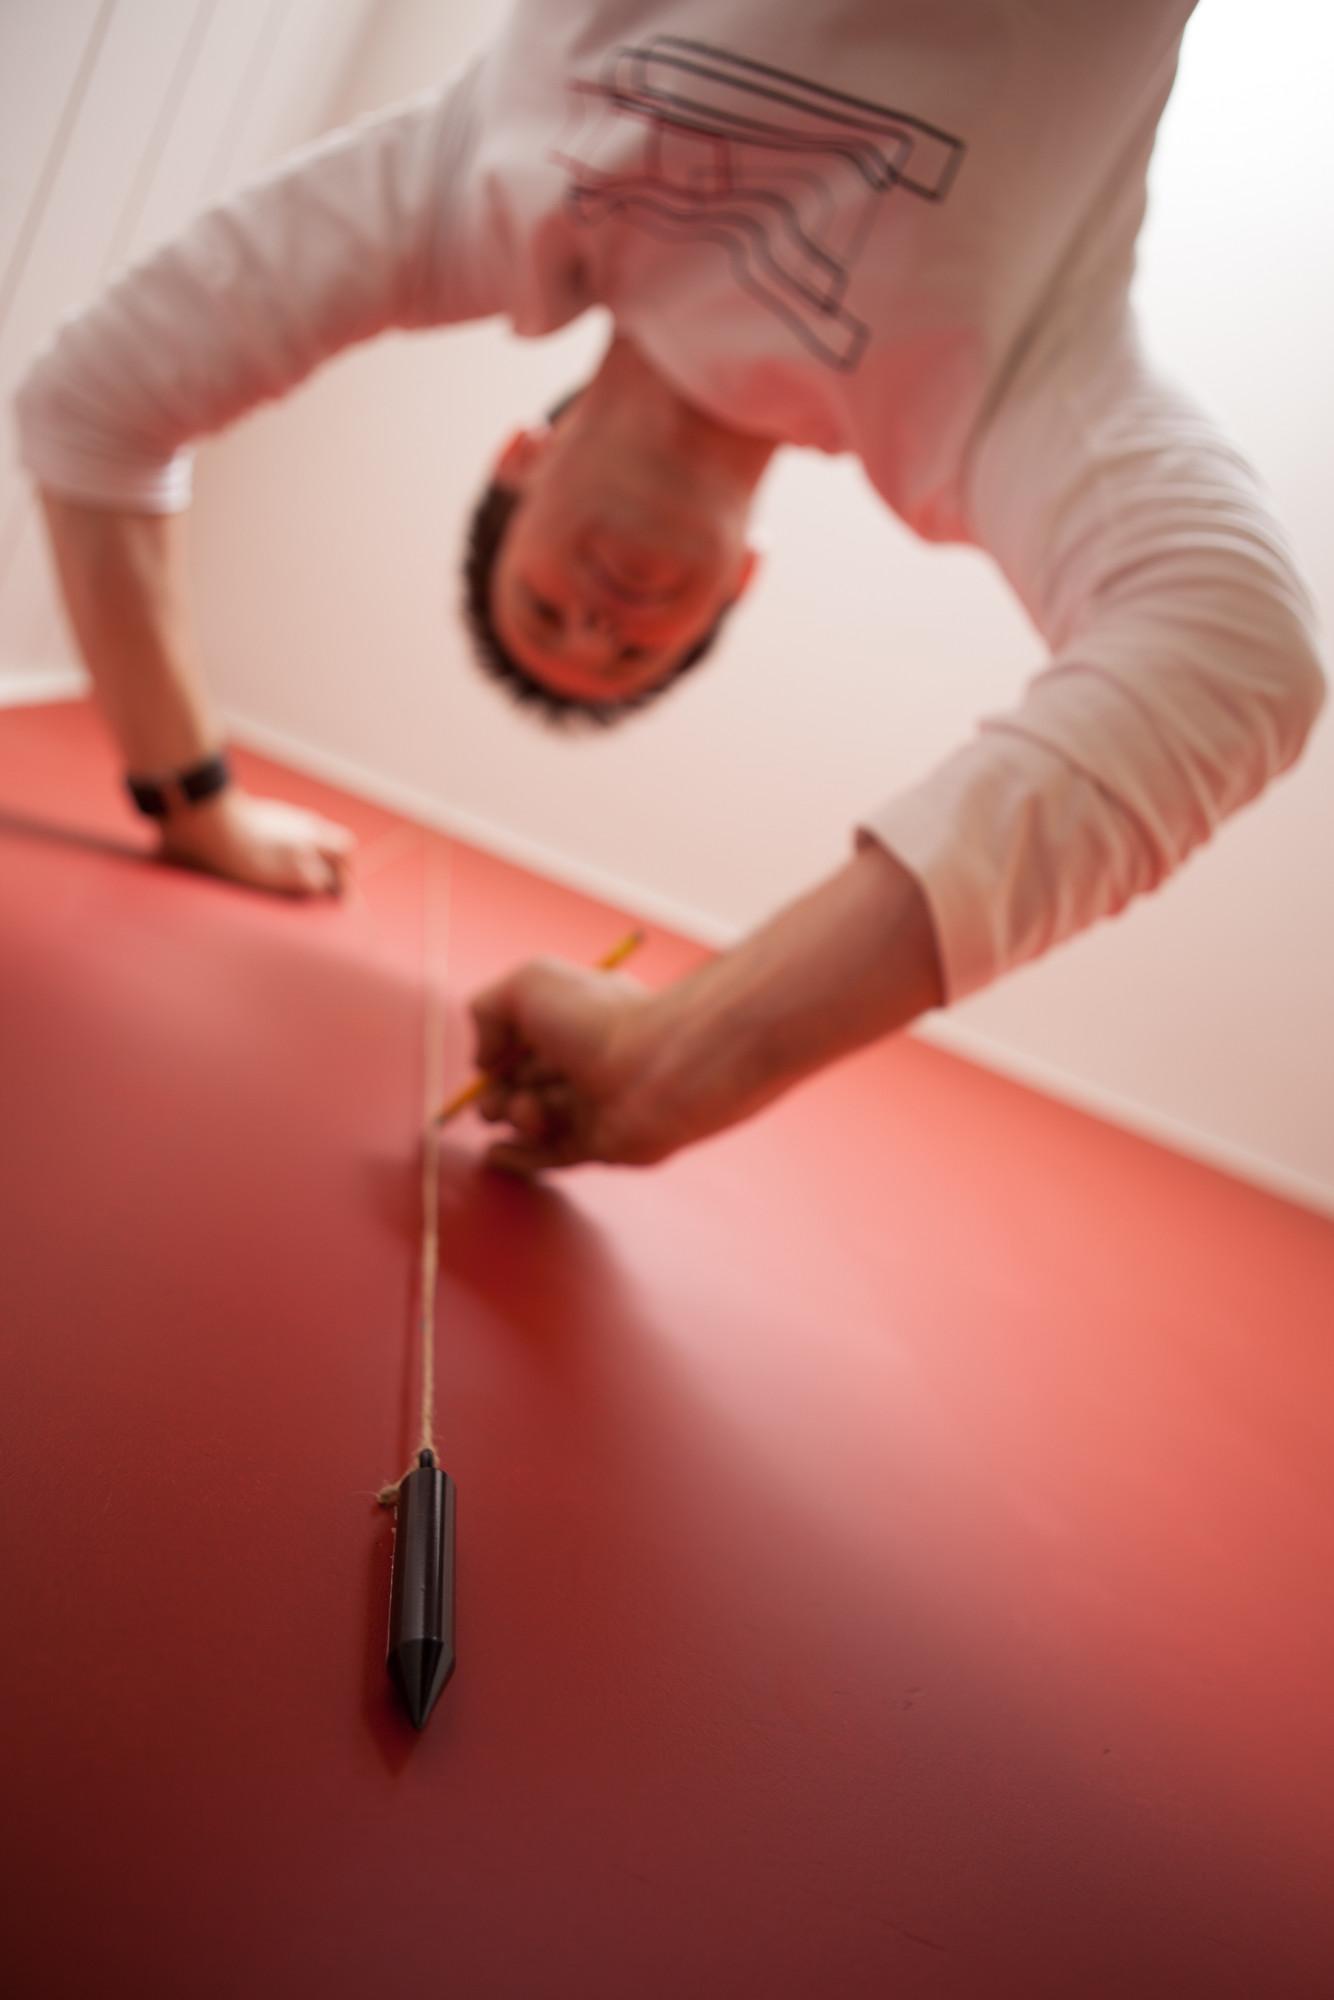 Tapisser : les 5 erreurs les plus courantes